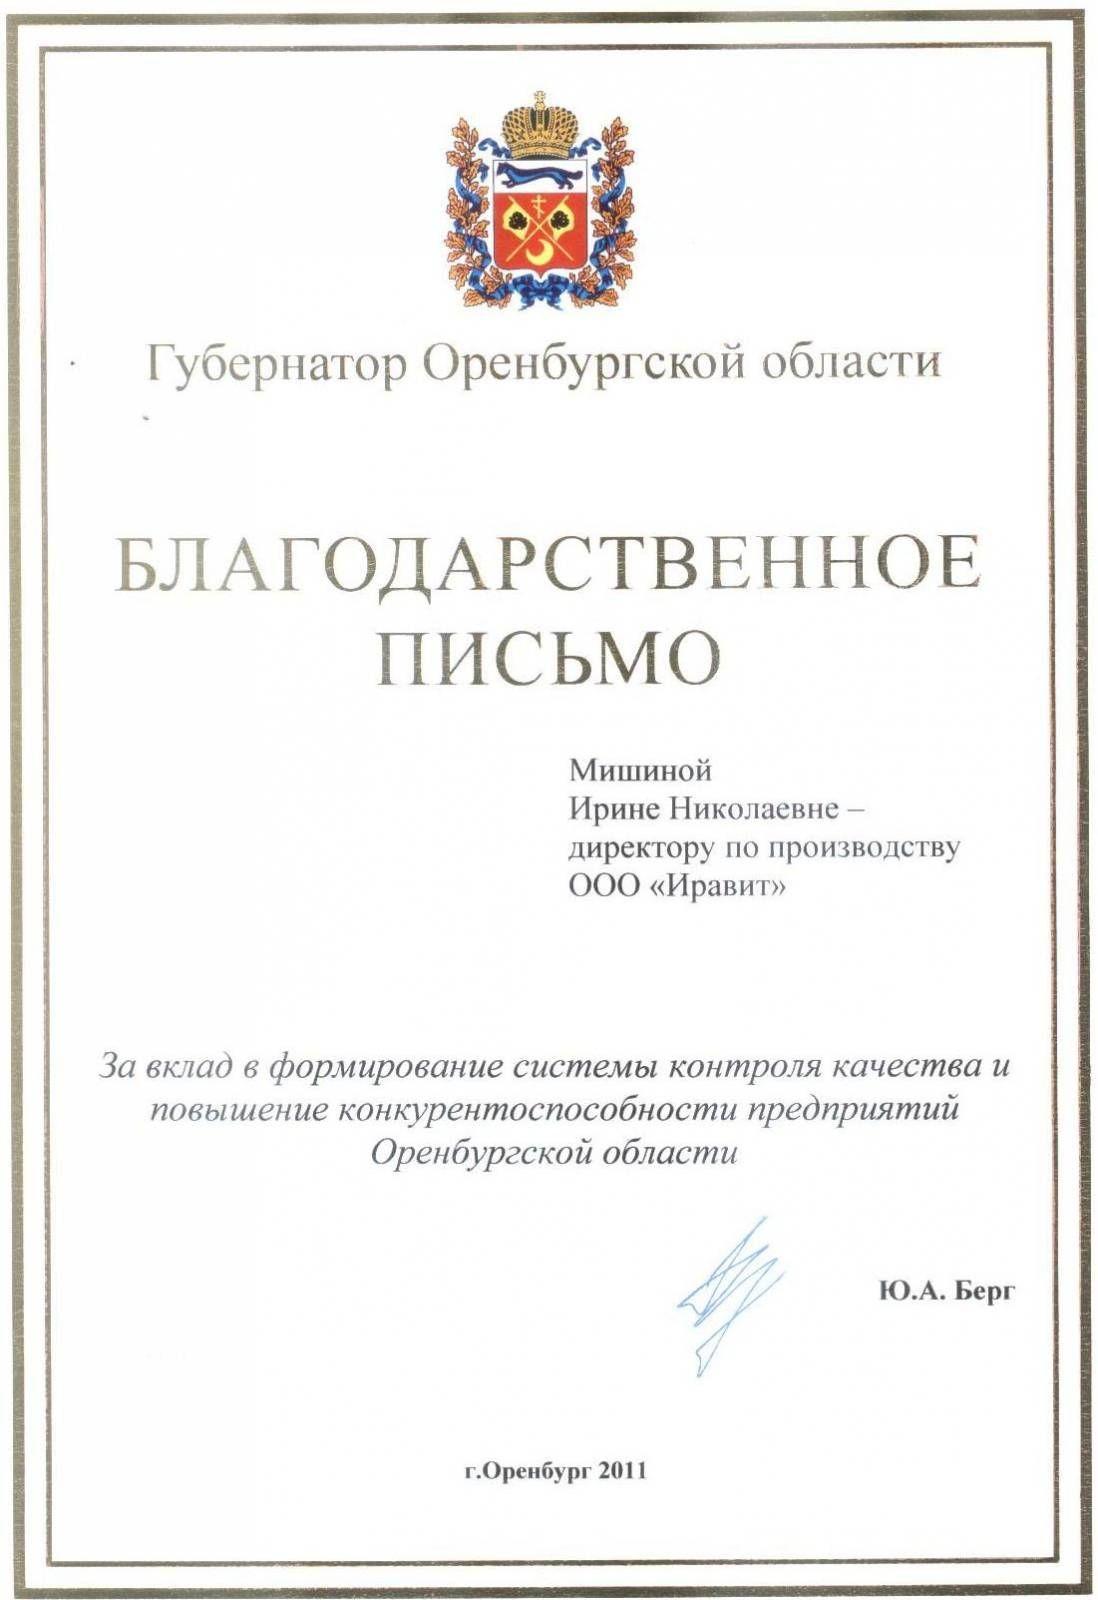 Благодарственное письмо руководителю образец текста 5 фото